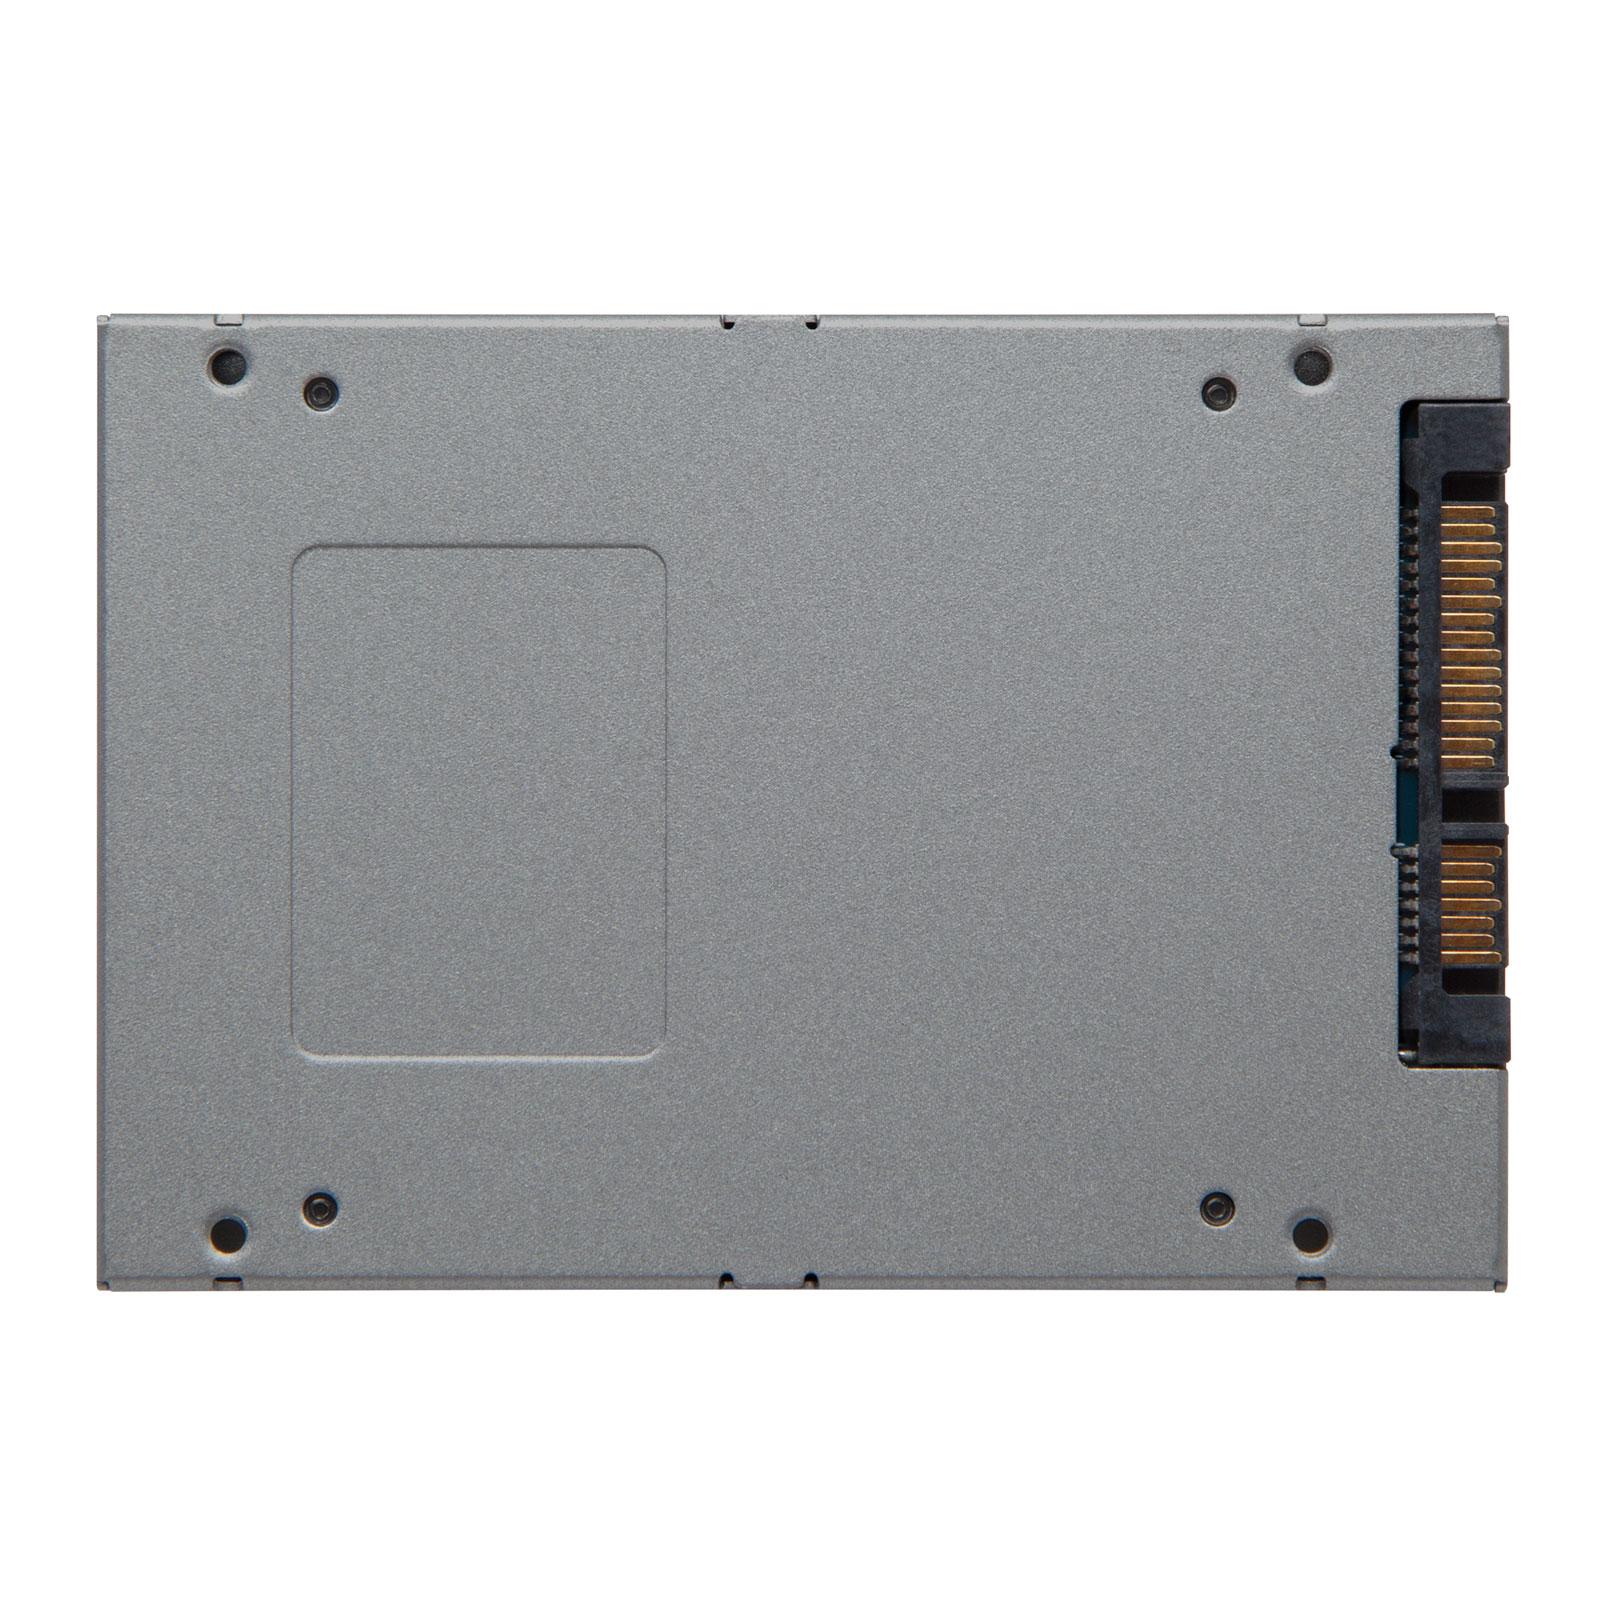 Kingston UV500 240-275Go - Disque SSD Kingston - Cybertek.fr - 1